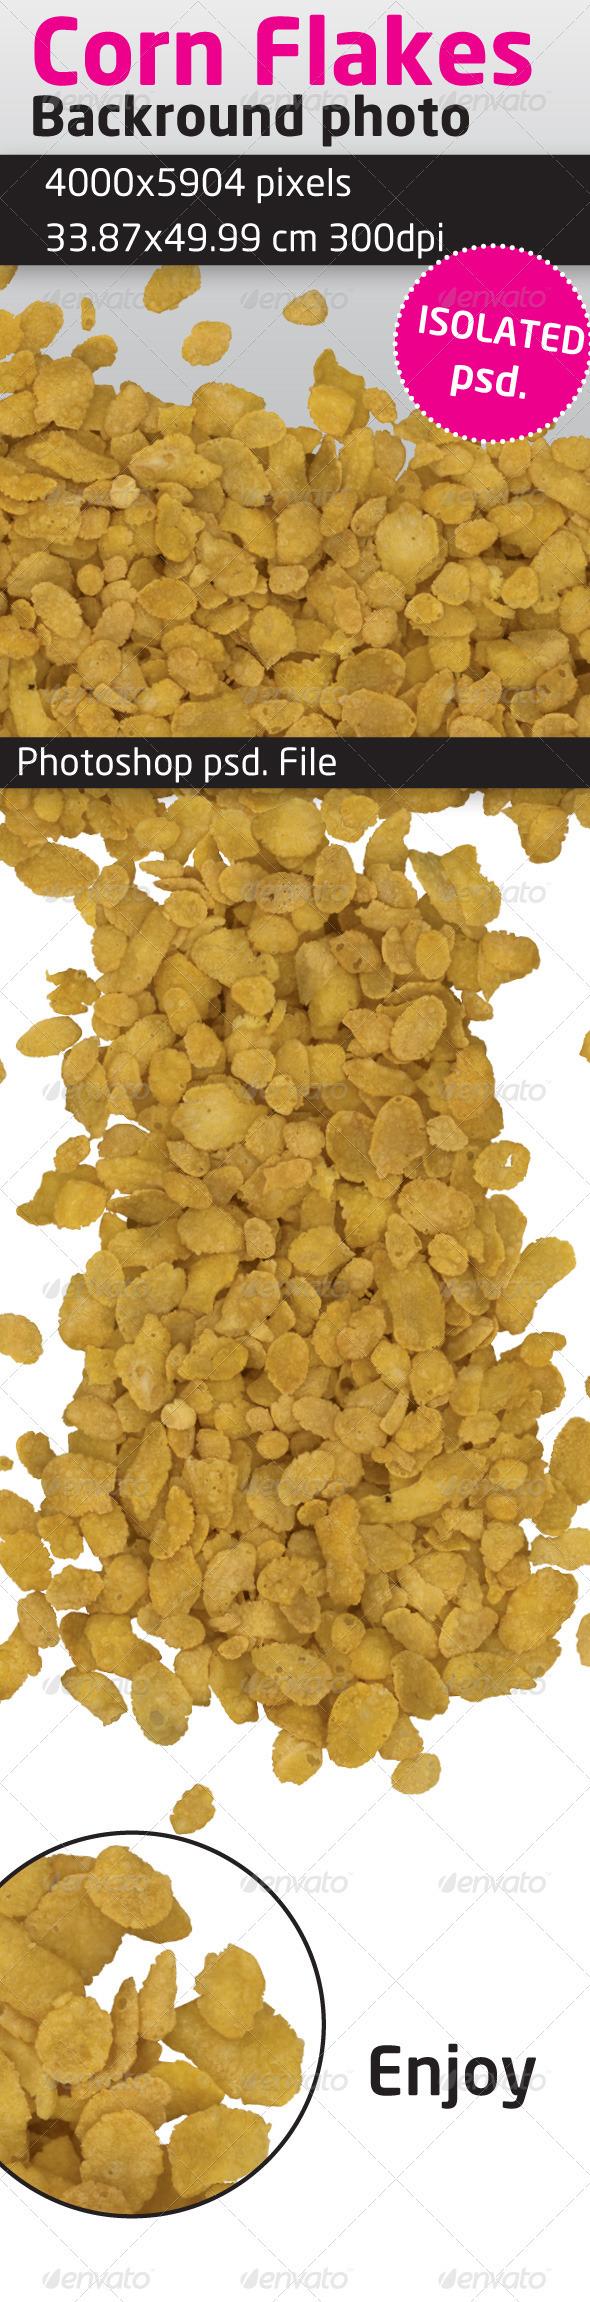 Corn Flakes Isolated Backround